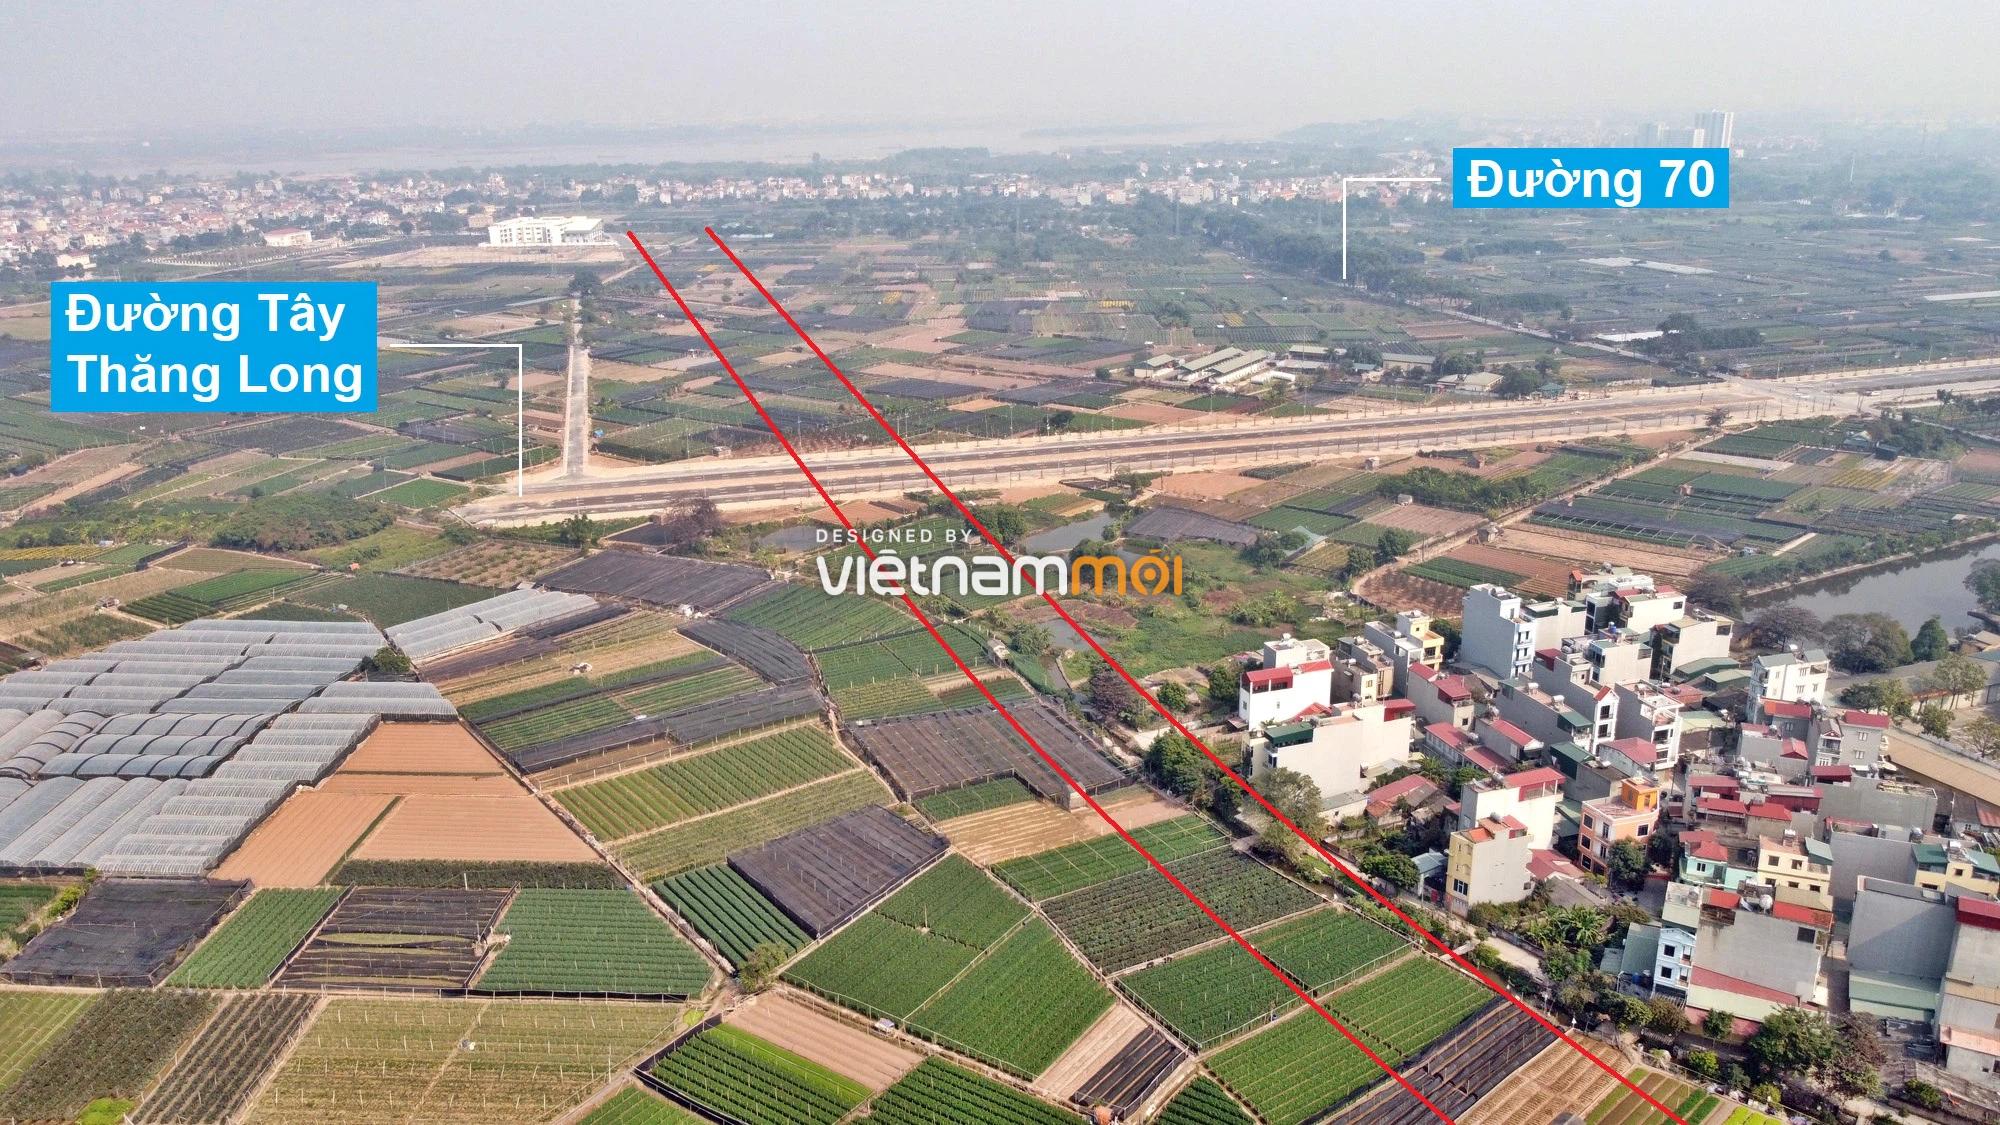 Đường Vành đai 3,5 sẽ mở theo quy hoạch qua quận Bắc Từ Liêm, Hà Nội - Ảnh 6.